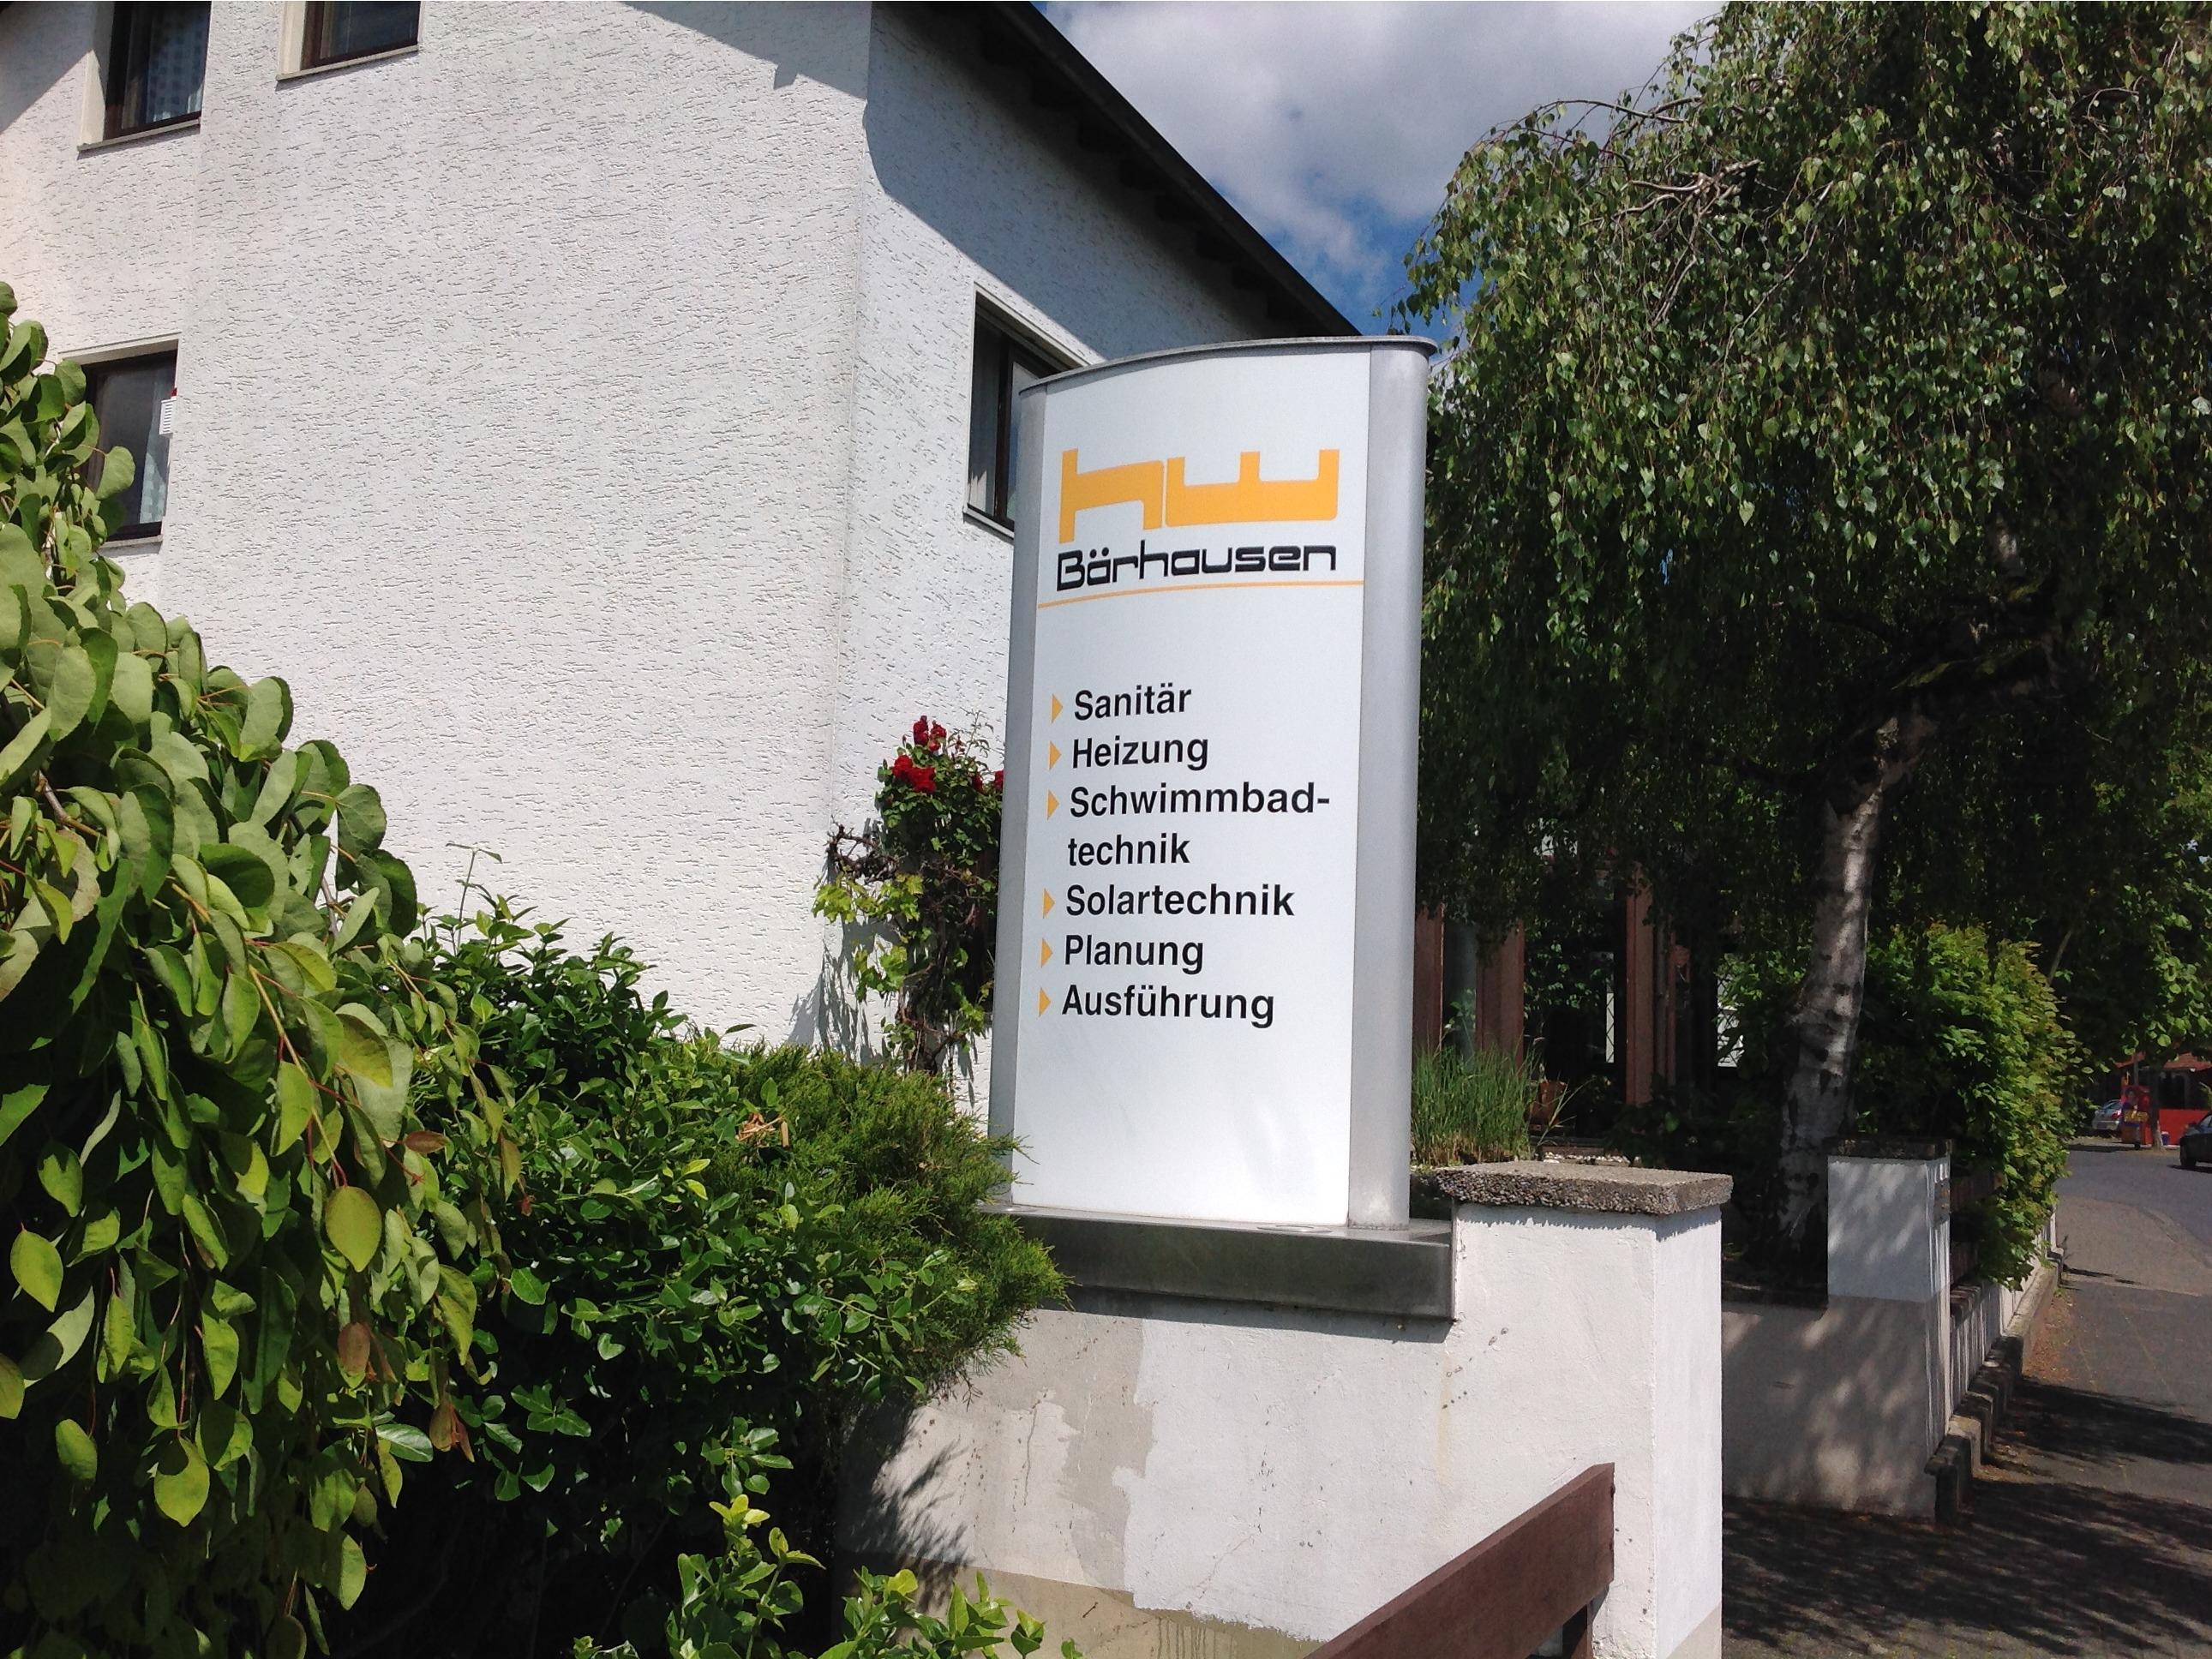 Fotos de H. W. Bärhausen Haustechnik GmbH Sanitär, Heizung & Schwimmbadtechnik